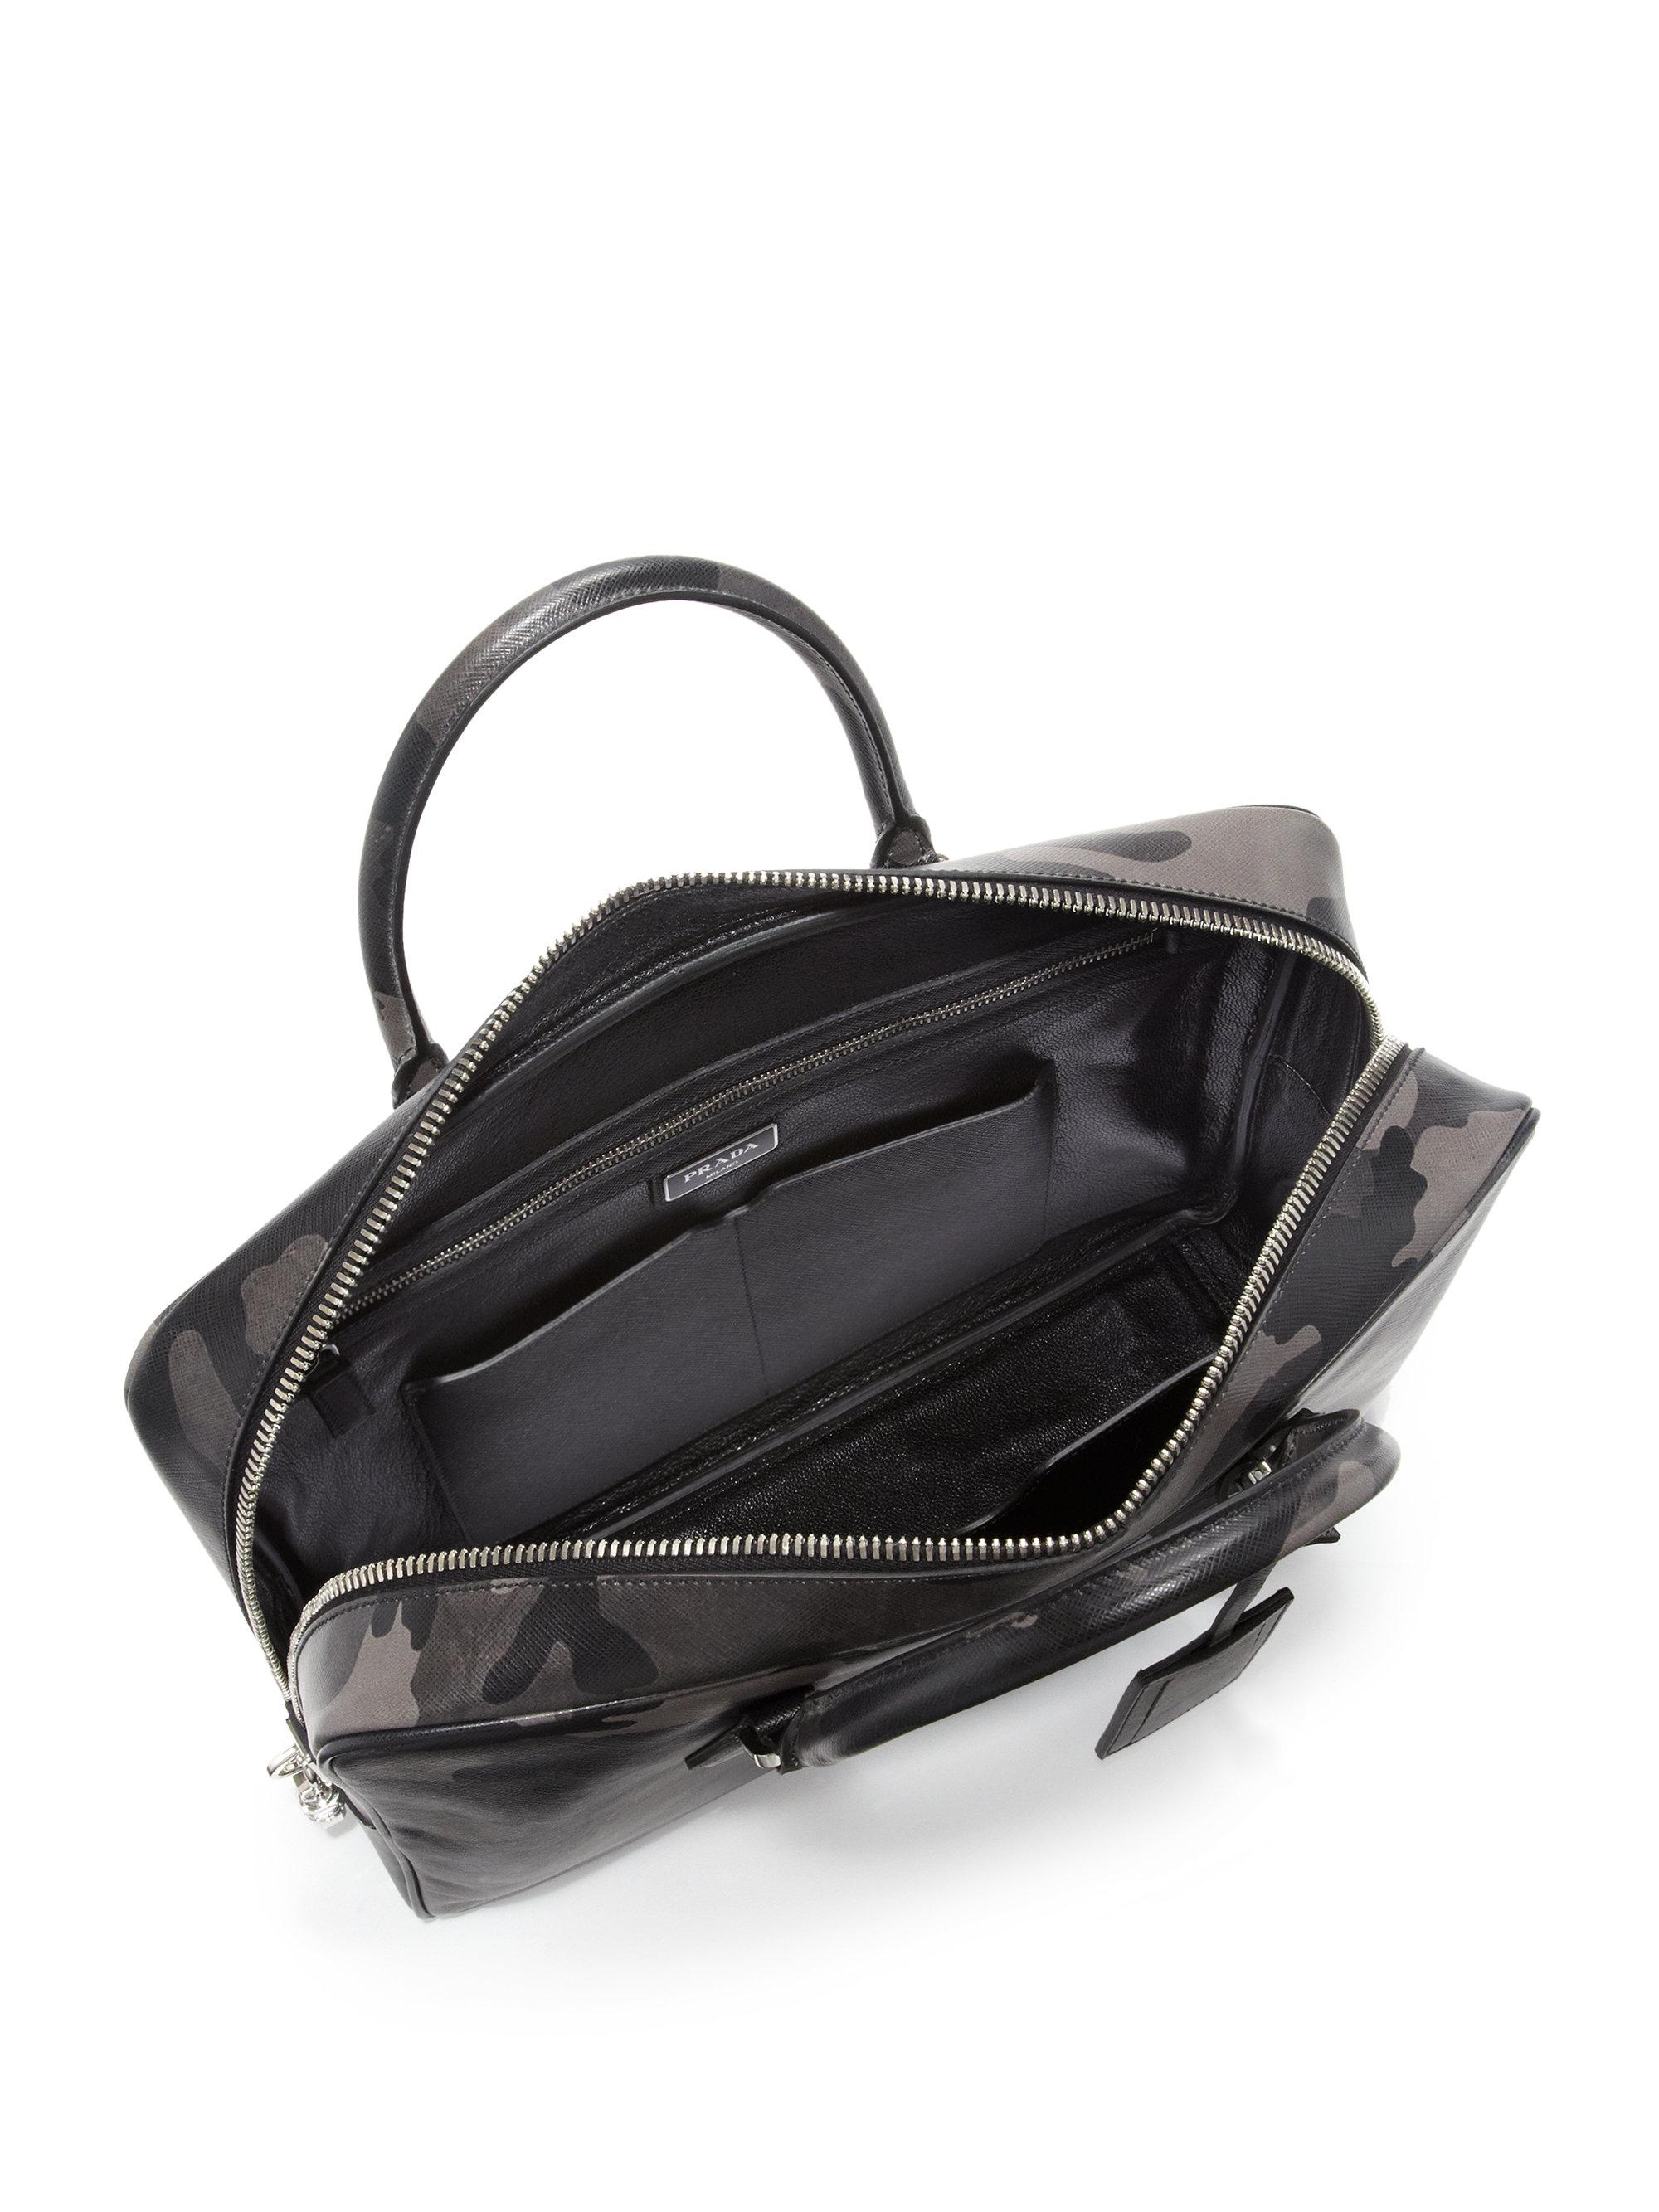 prada replica wallet - prada camouflage print saffiano leather briefcase, prada messenger ...